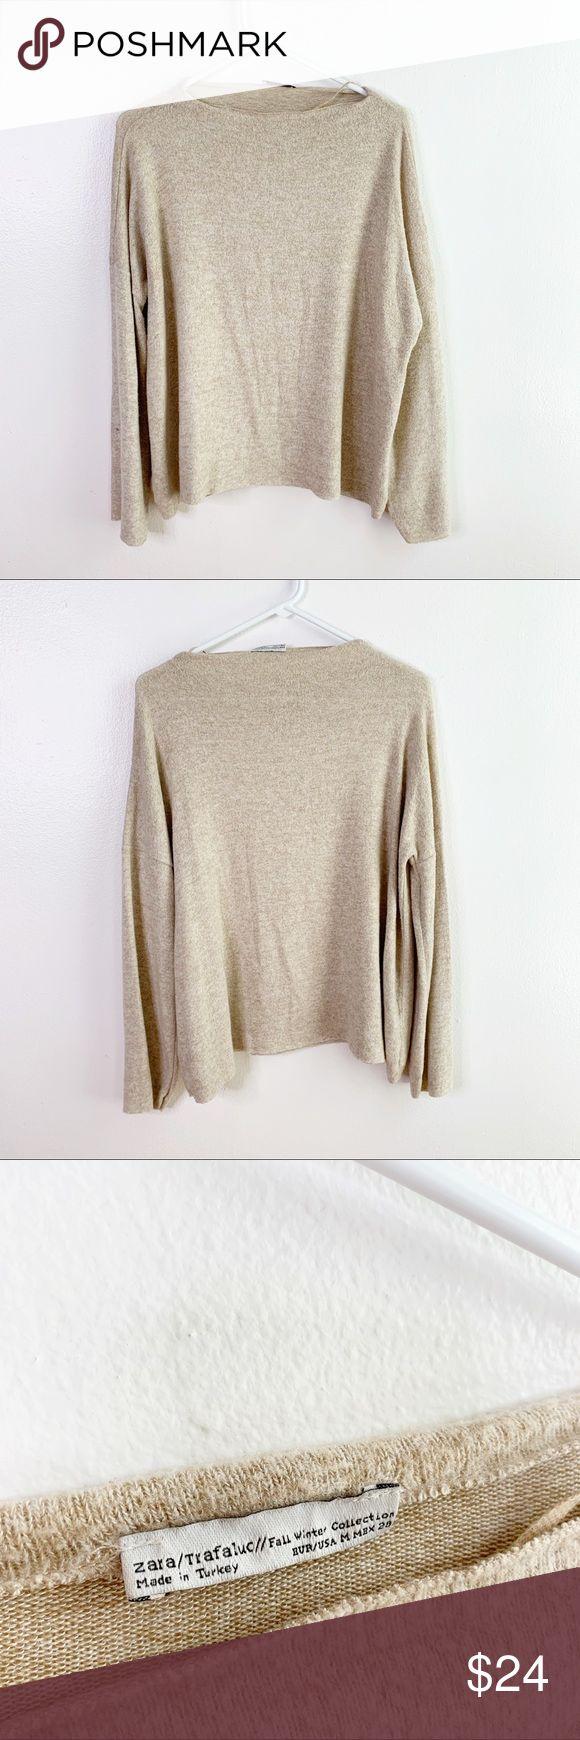 Zara High Neck Ultra Soft Fuzzy Pullover Beige Tan Zara High Neck Ultra Soft Fuz…